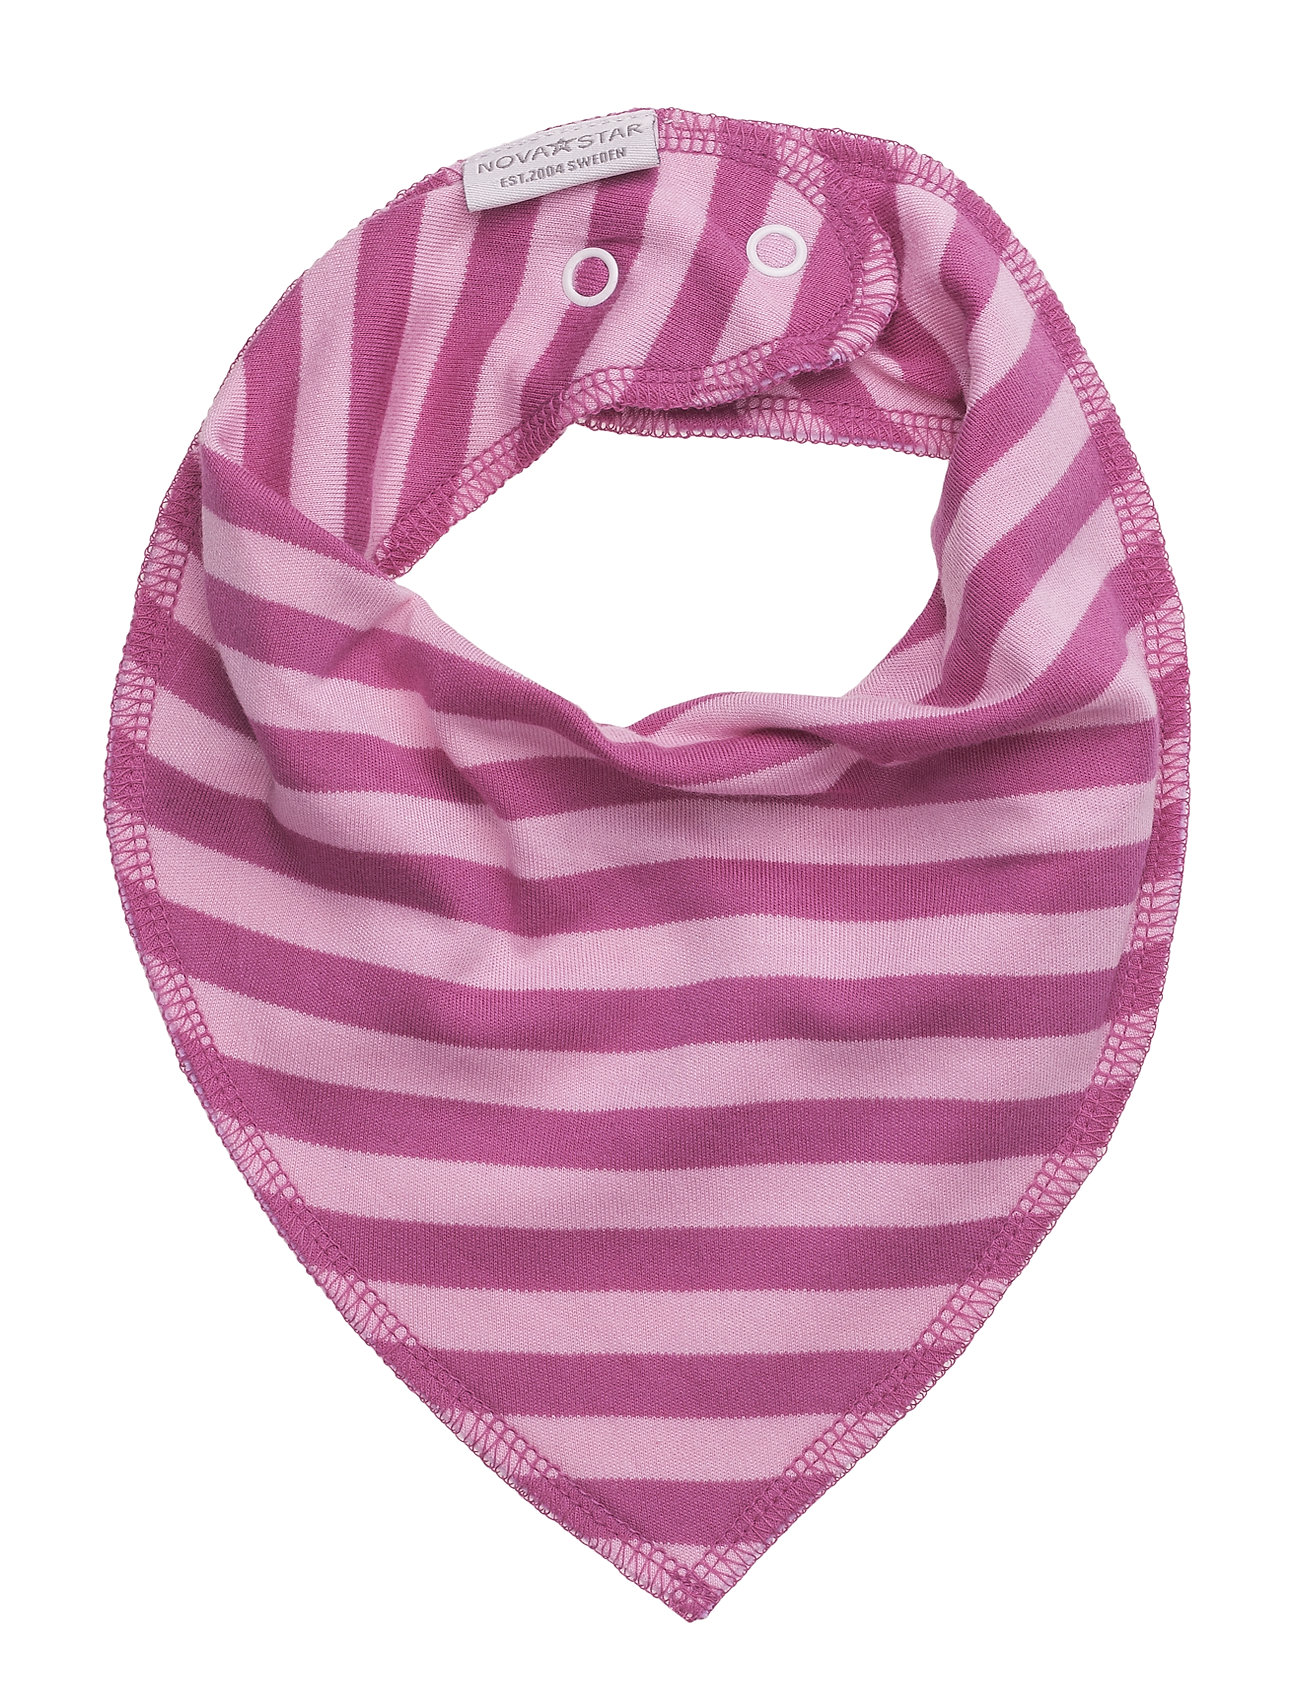 Pink Striped Dry Bib NOVA STAR Hagesmække til Børn i Lyserød